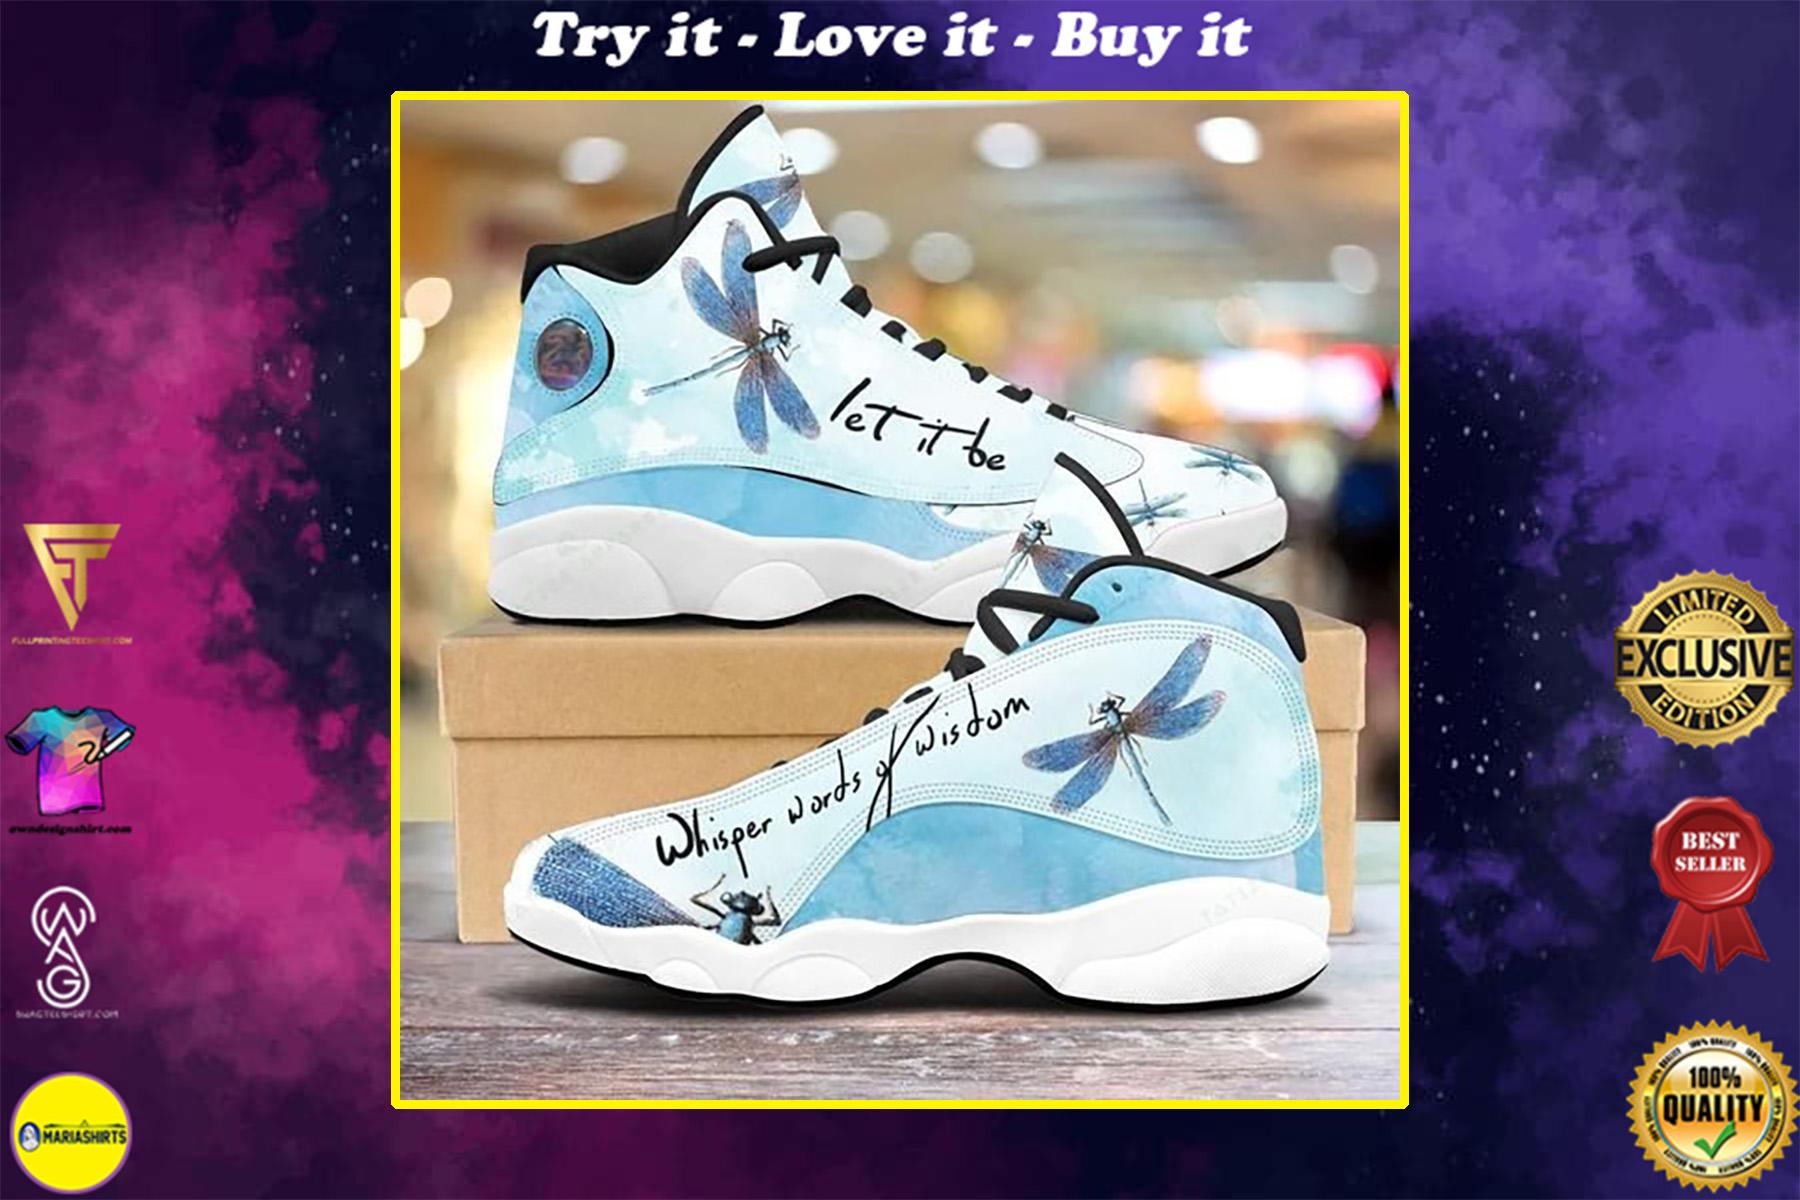 whisper words of wisdom dragonfly air jordan 13 sneakers